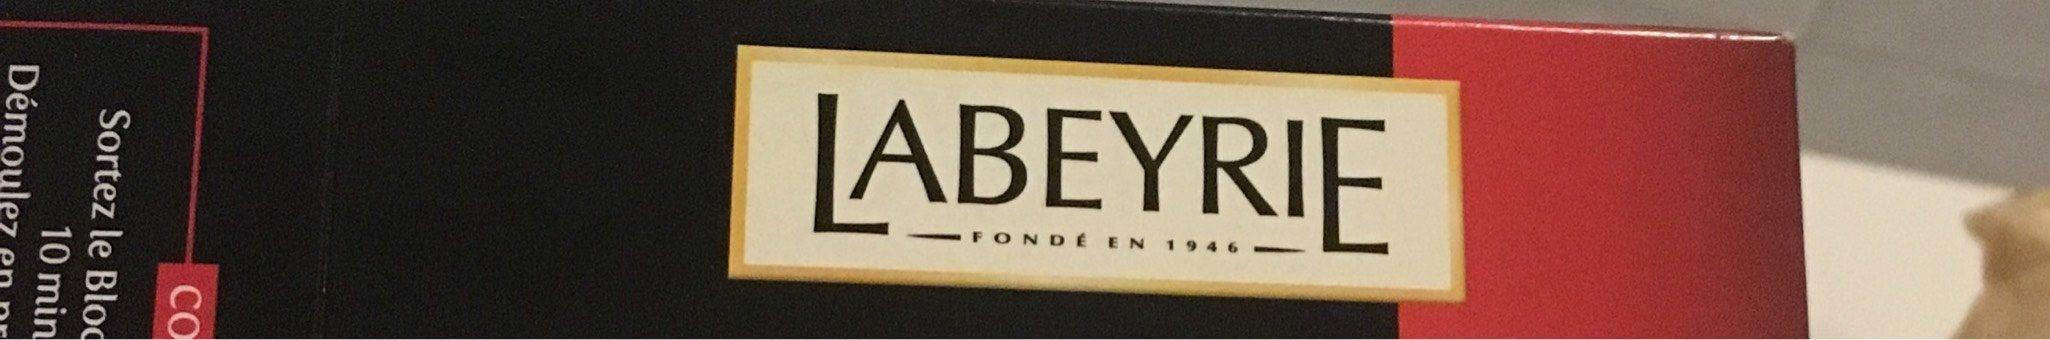 Bloc de foie gras de canard Labeyrie - Product - fr